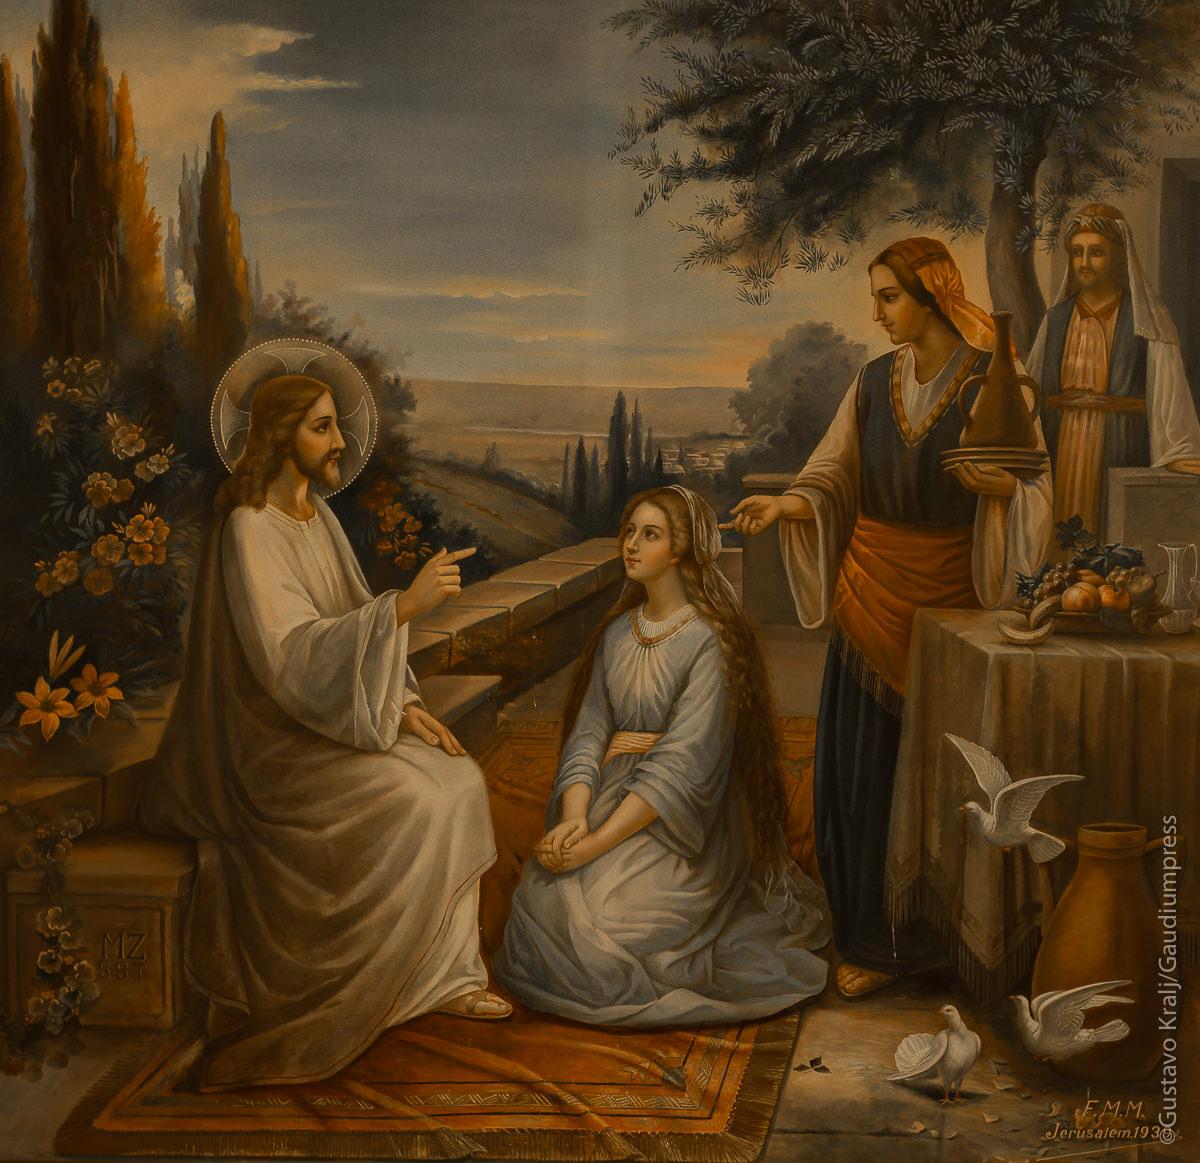 Jesús en Betania con Martha y Maria. Convento de las Hnas de San Vicente, Batania, Israel. Foto: Gustavo Kralj/GaudiumpressImages.com